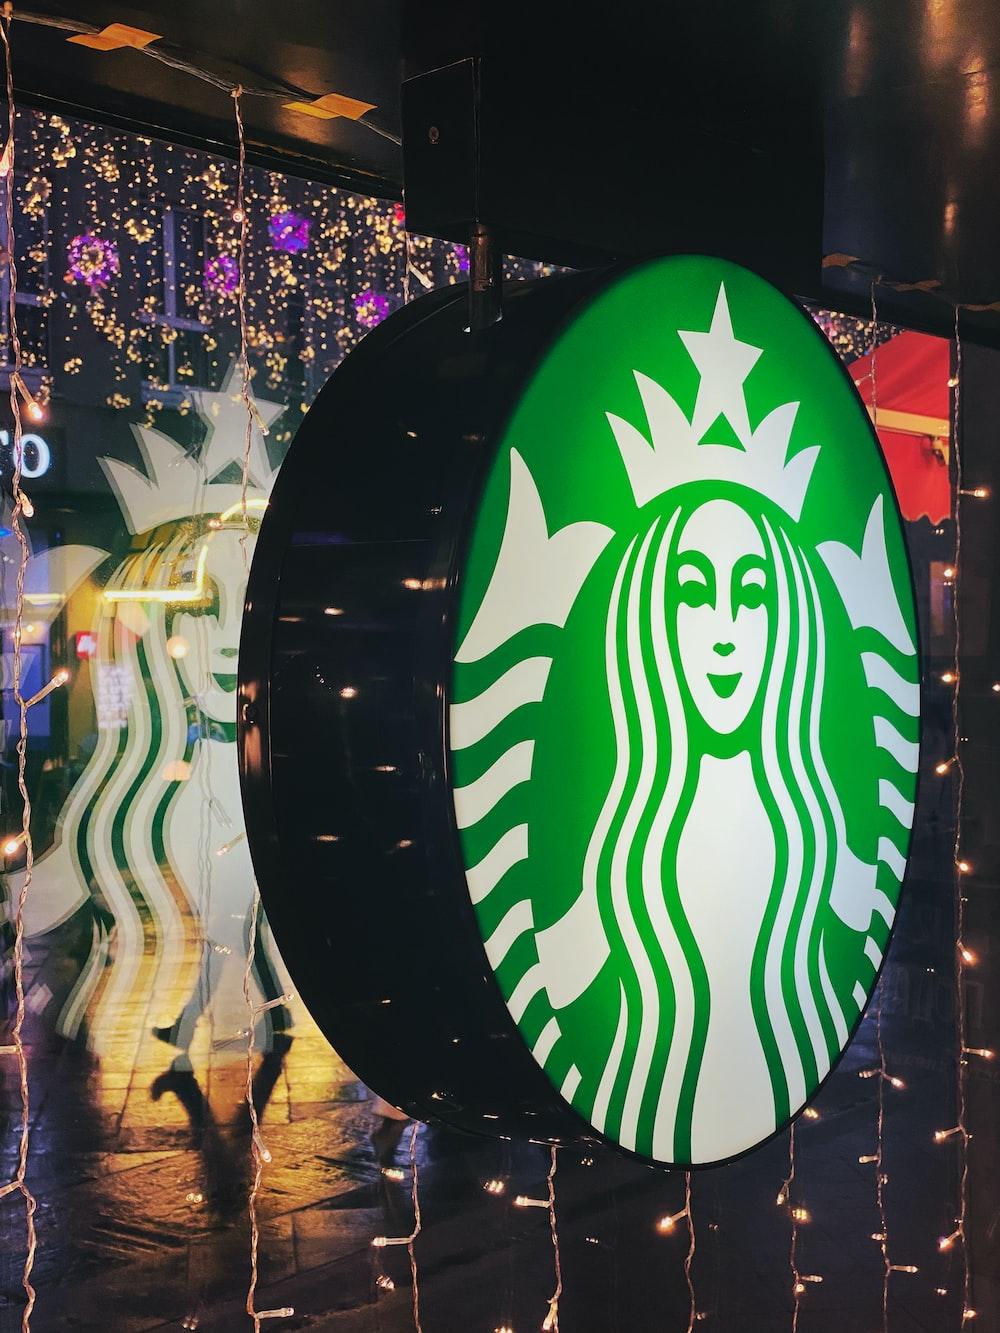 Starbucks LED store signage